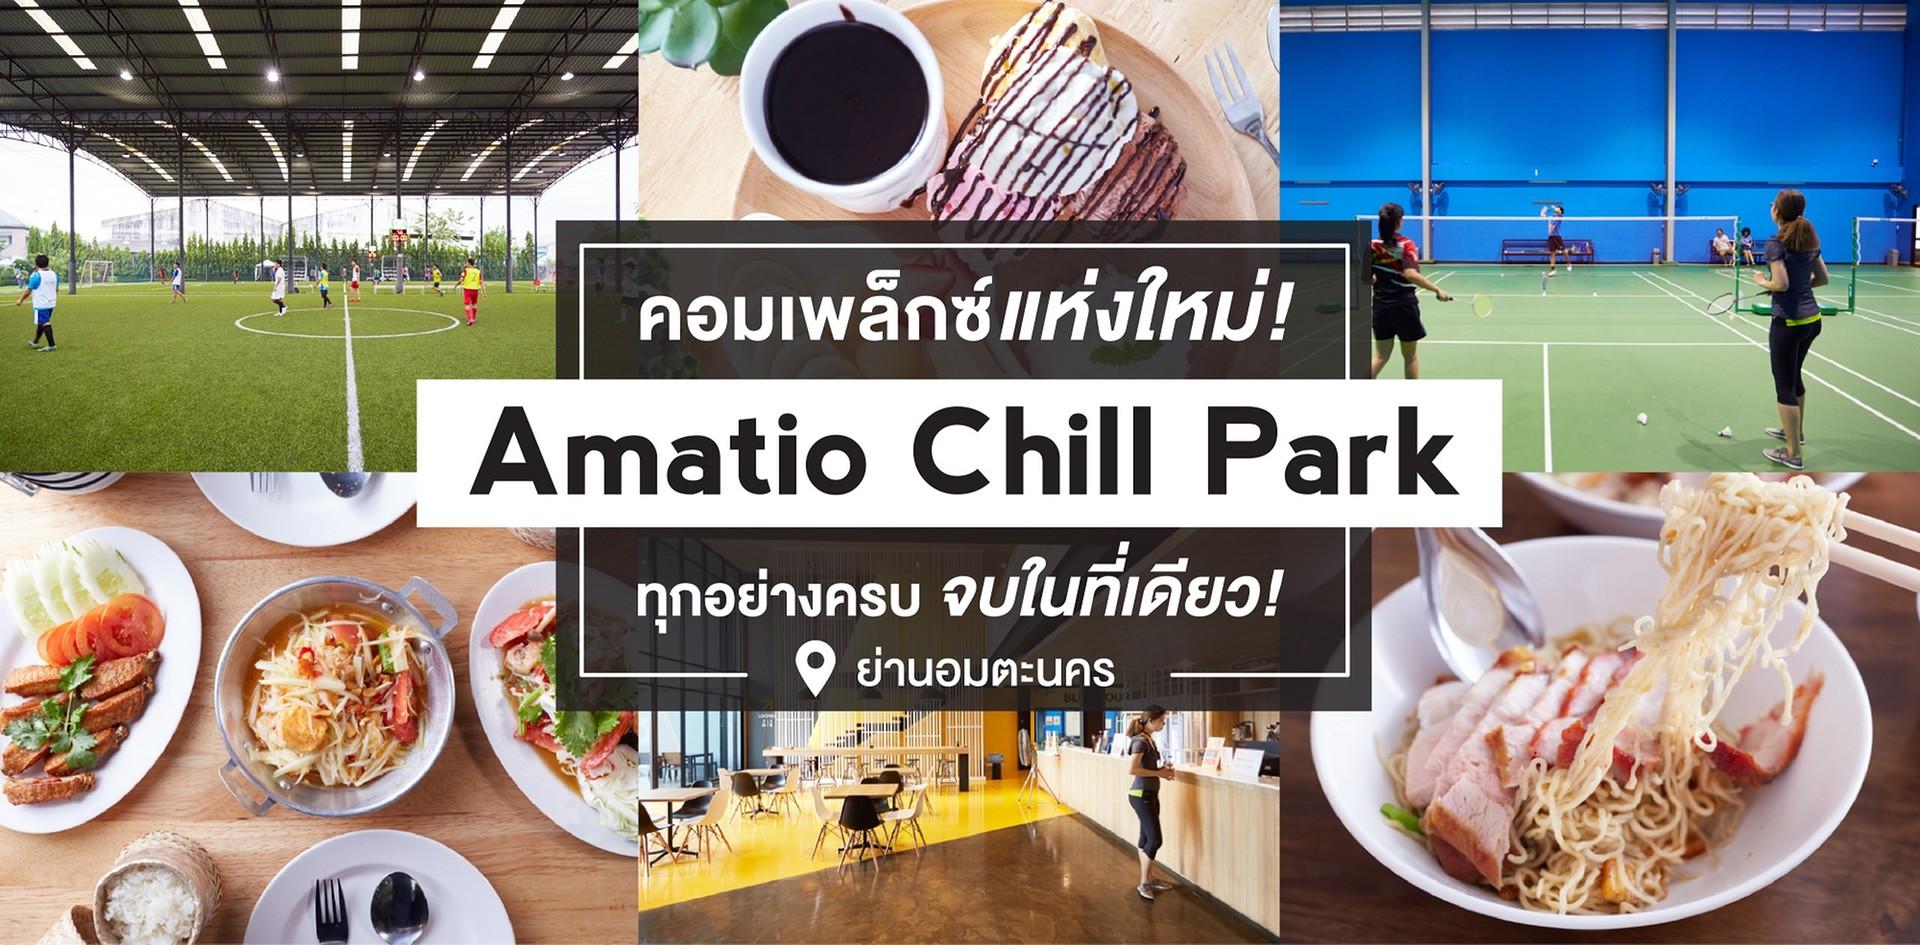 Amatio Chill park คอมเพล็กซ์แห่งใหม่ย่านอมตะนคร กับไลฟ์สไตล์ที่แตกต่าง